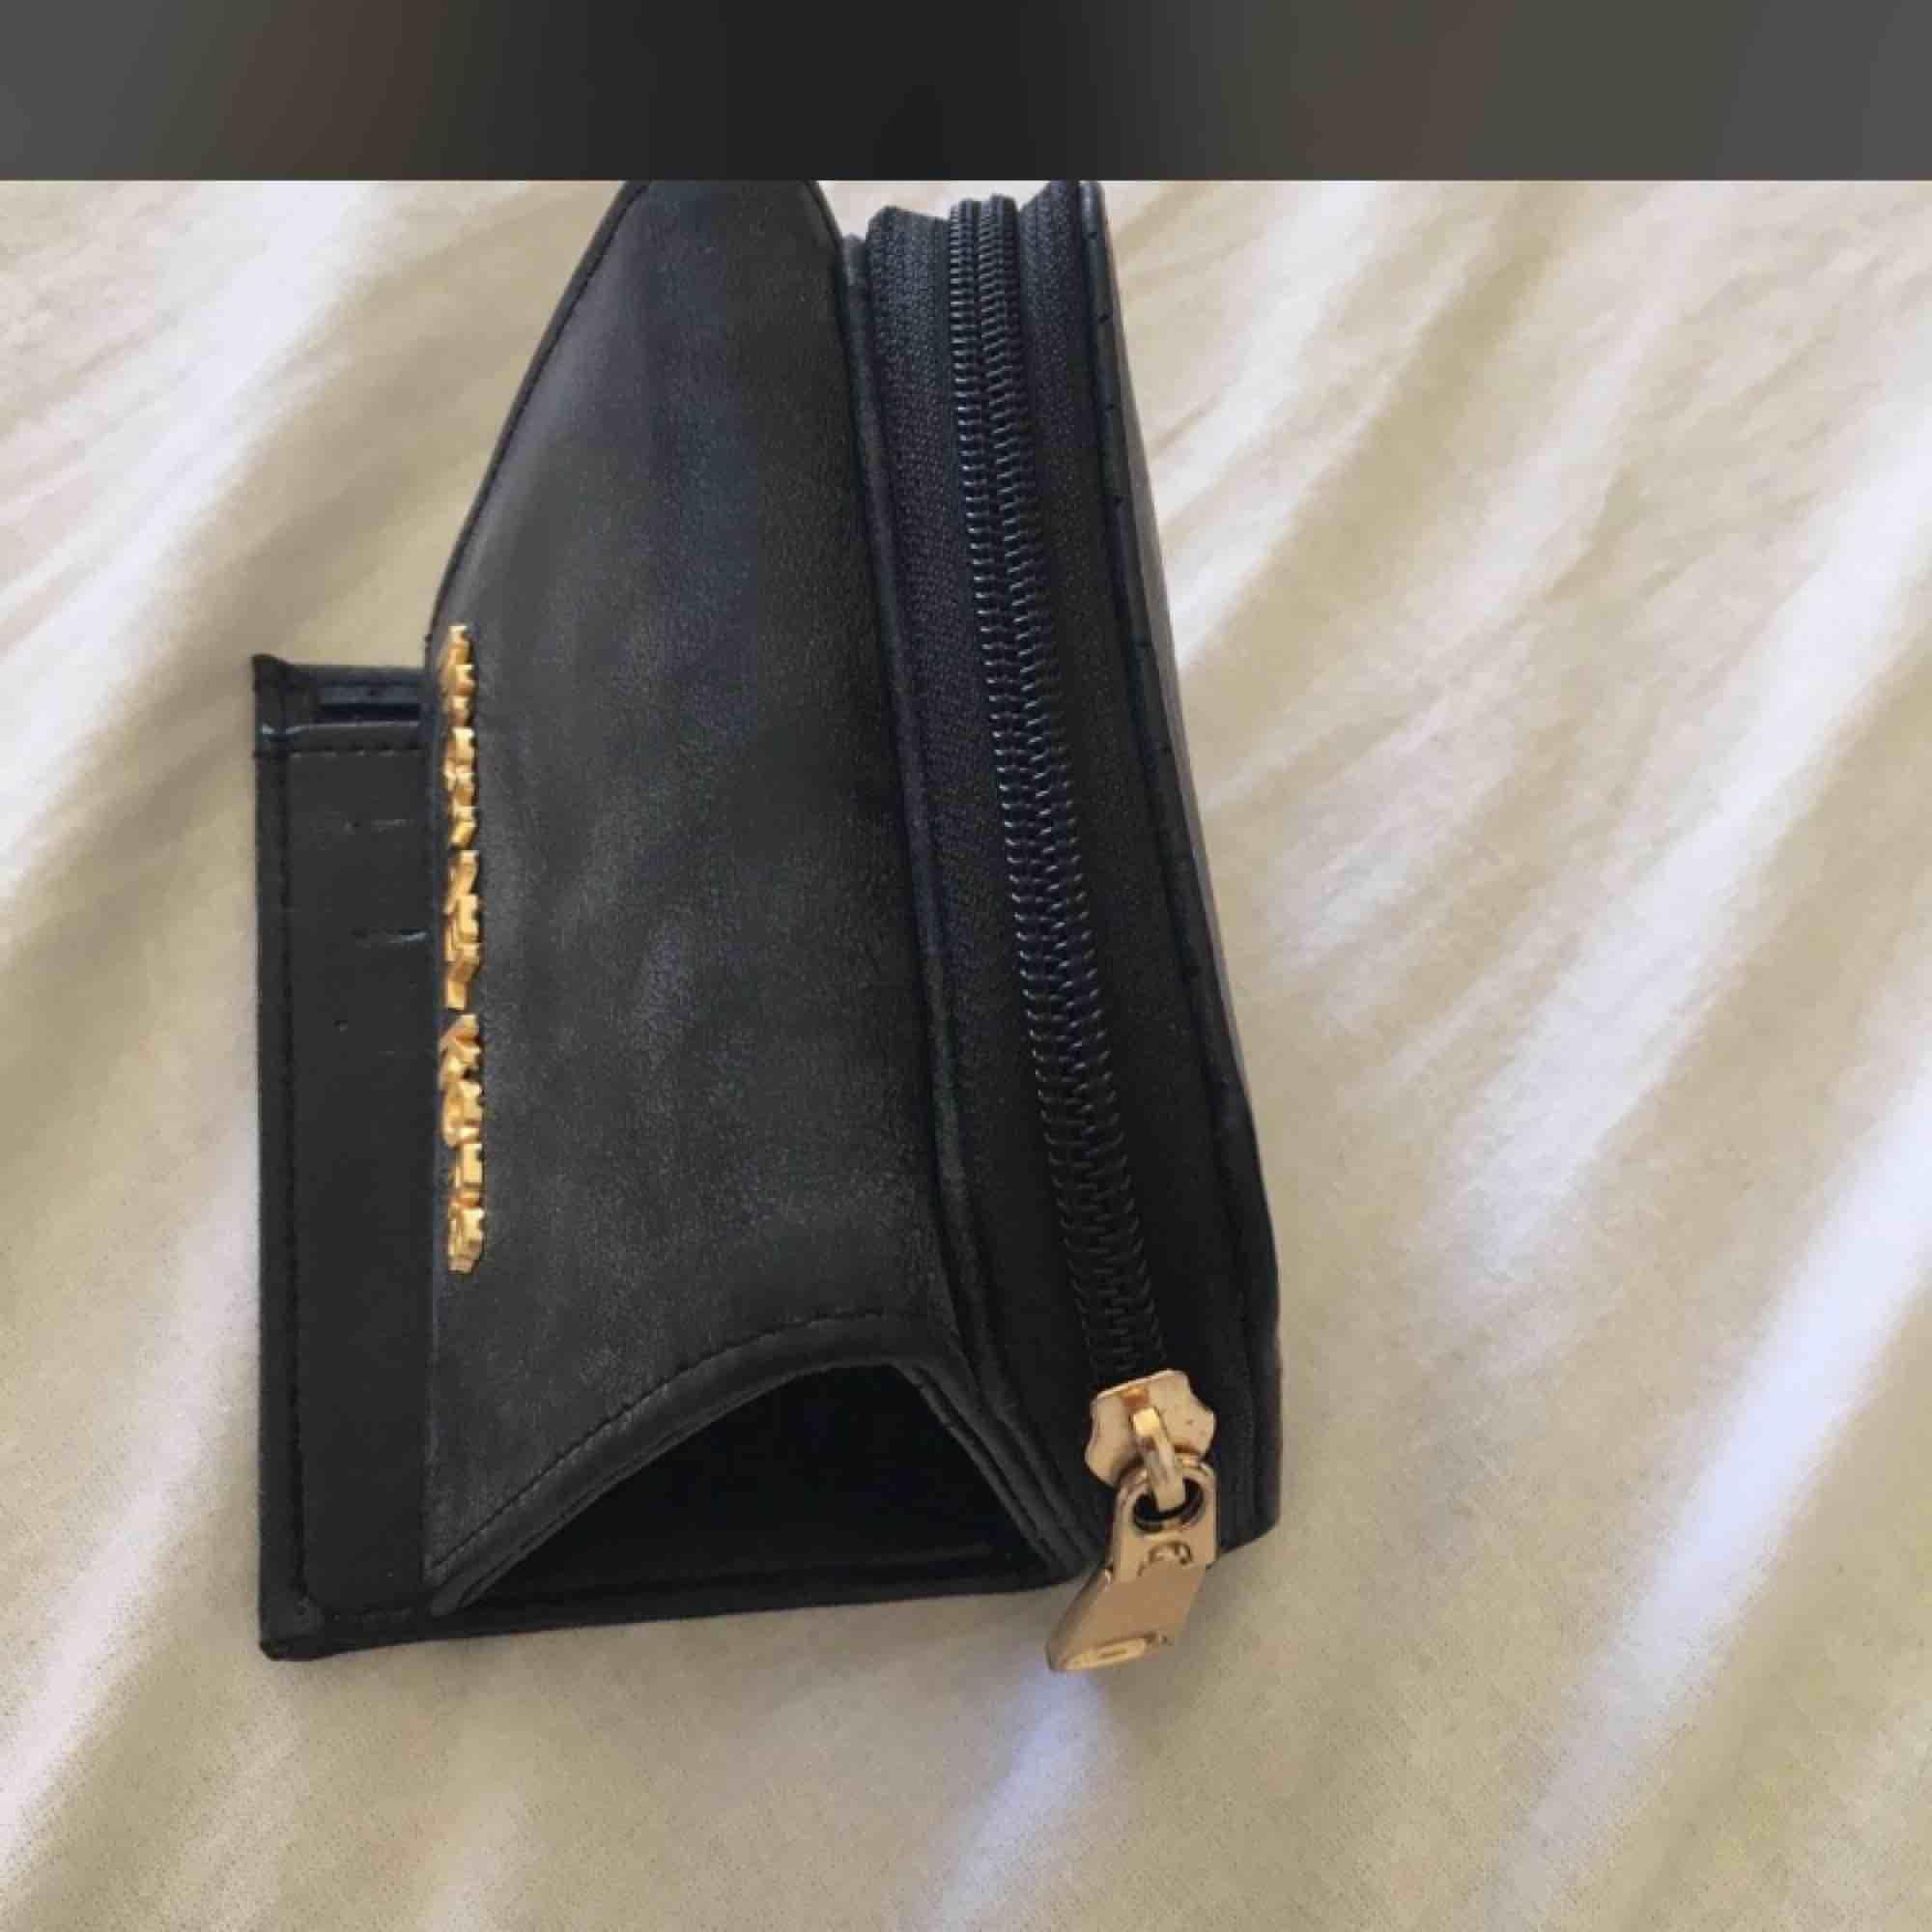 Oäkta Michael kors plånbok knappt använd . Accessoarer.